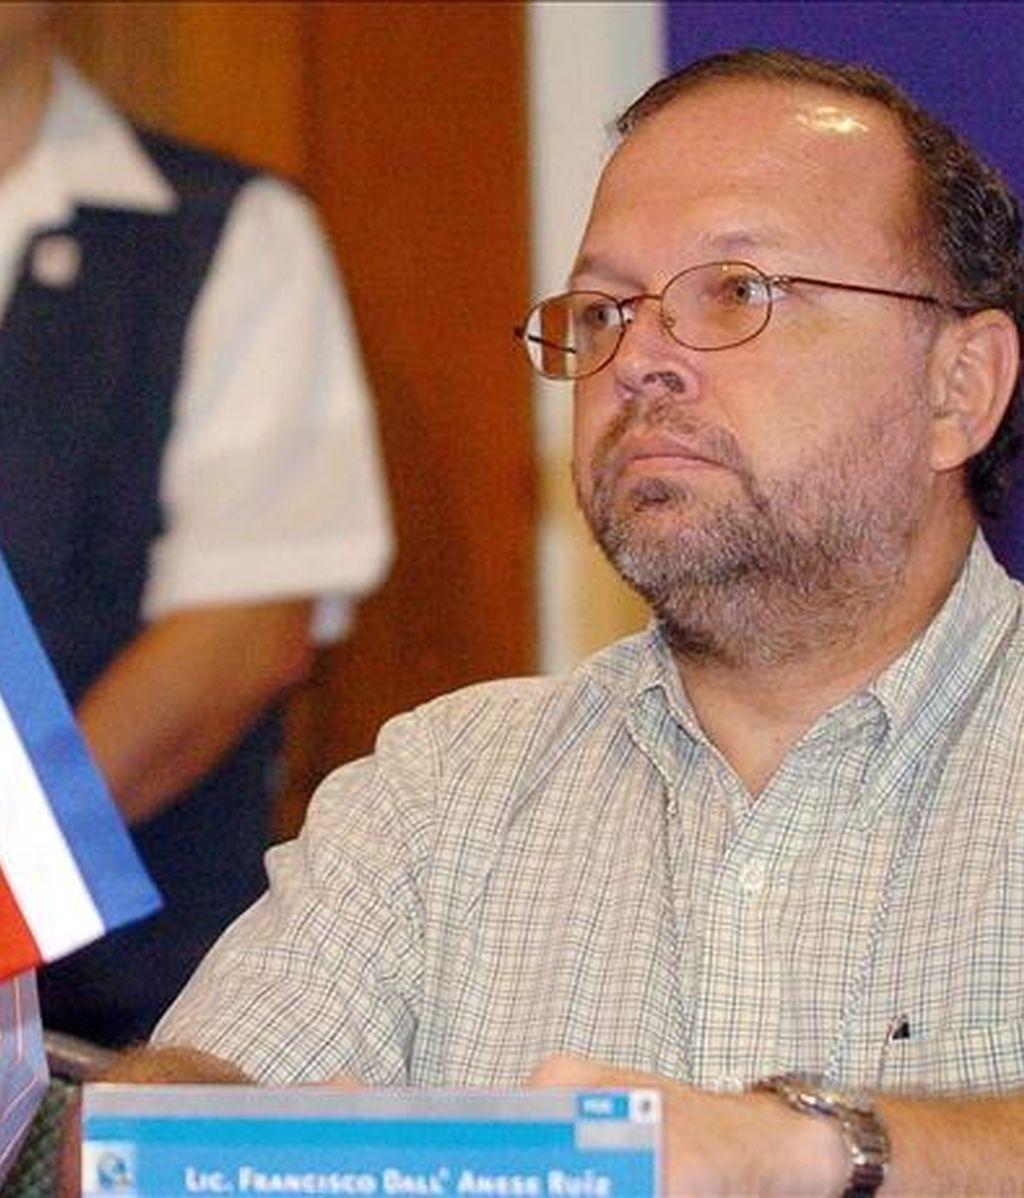 """El jefe de la Cicig, el fiscal costarricense Francisco Dall'Anese, dijo aque la demanda fue presentada el pasado jueves a petición de esa comisión por el jefe de la Fiscalía de la Audiencia Nacional de España, la cual """"ha sido ya aceptada para su trámite"""", añadió. EFE/Archivo"""